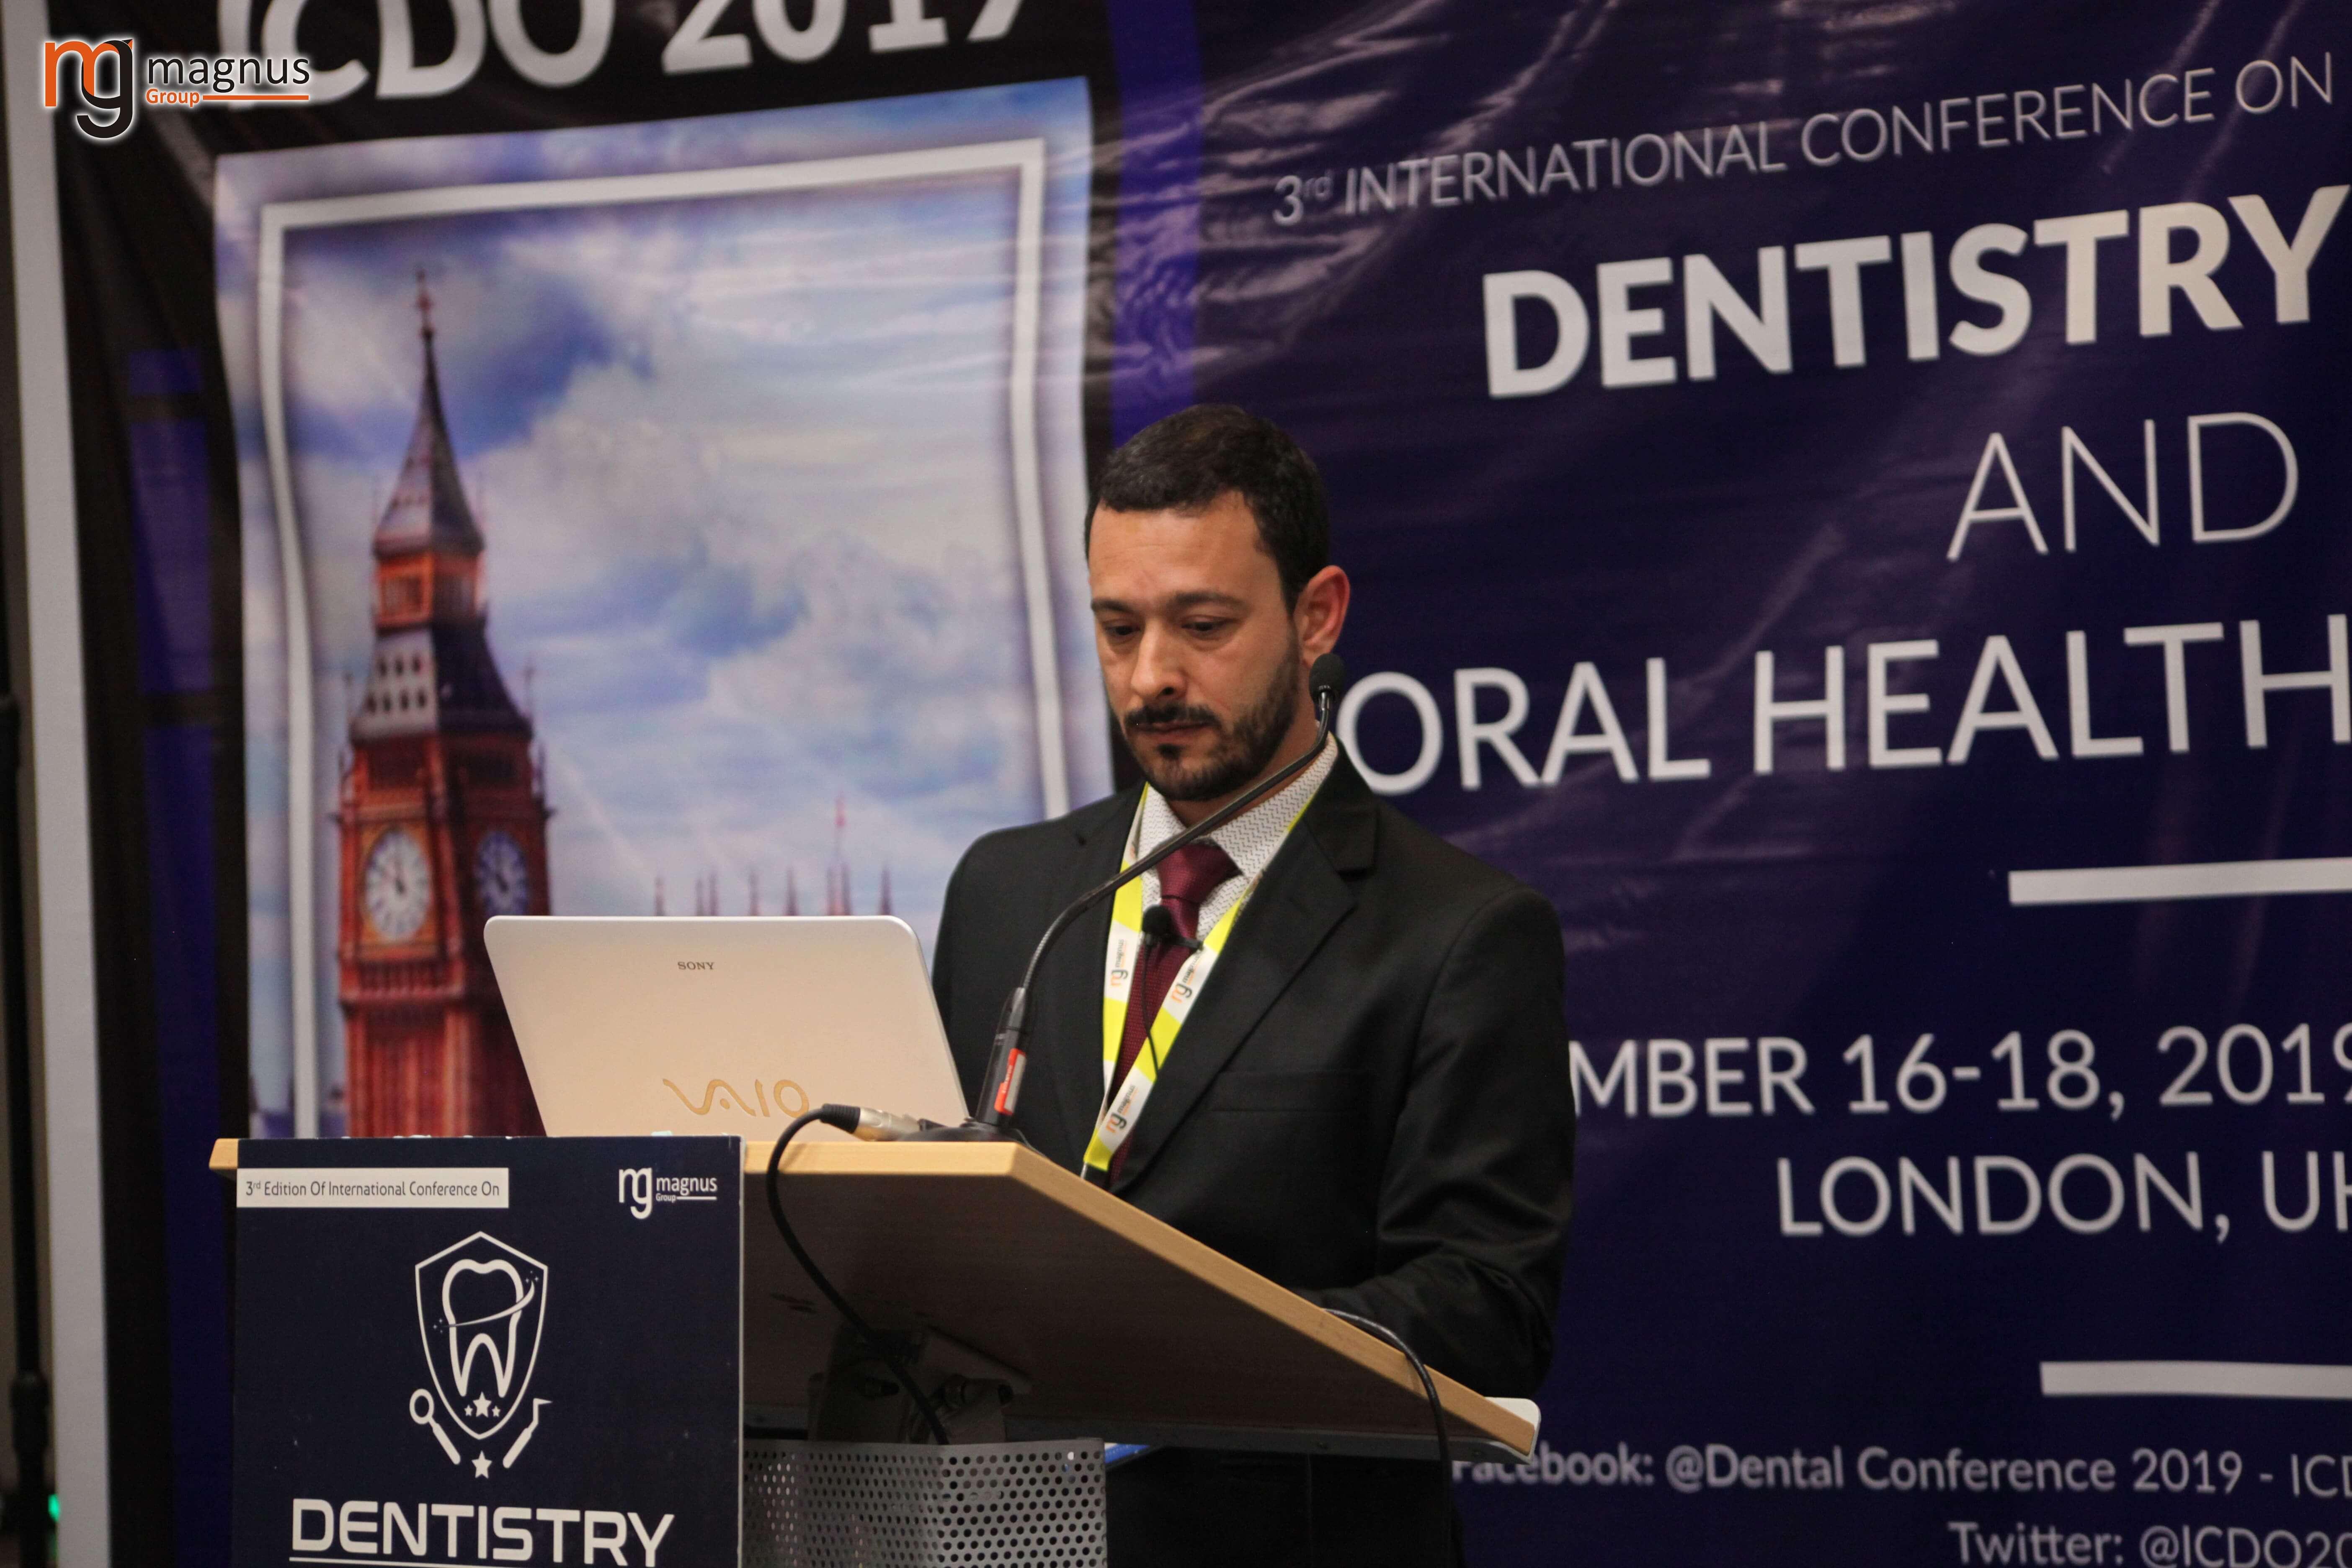 Dental Conferences- Vinicius Gomes Machado